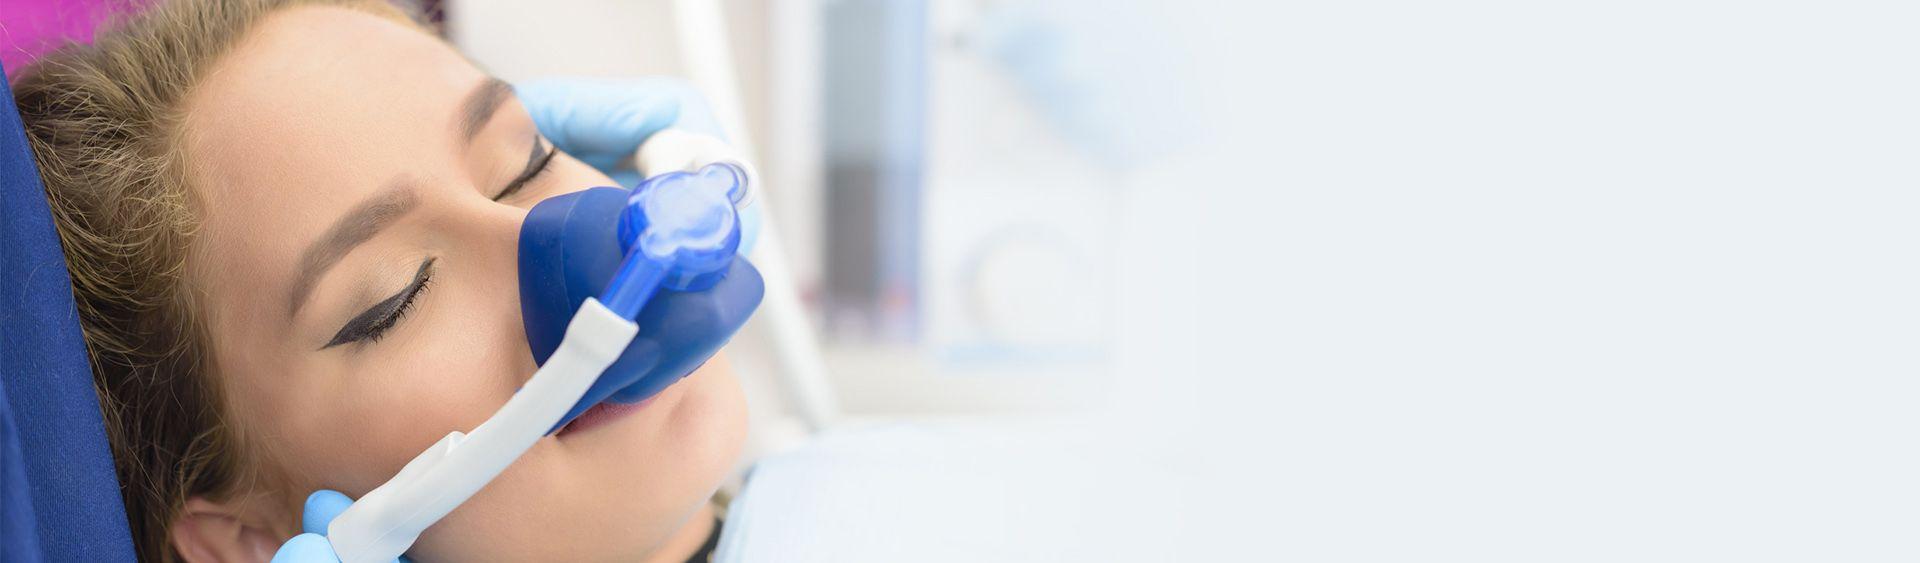 Трахнули под наркозом онлайн, Зубной врач сделал грудастой пациентке наркоз 16 фотография